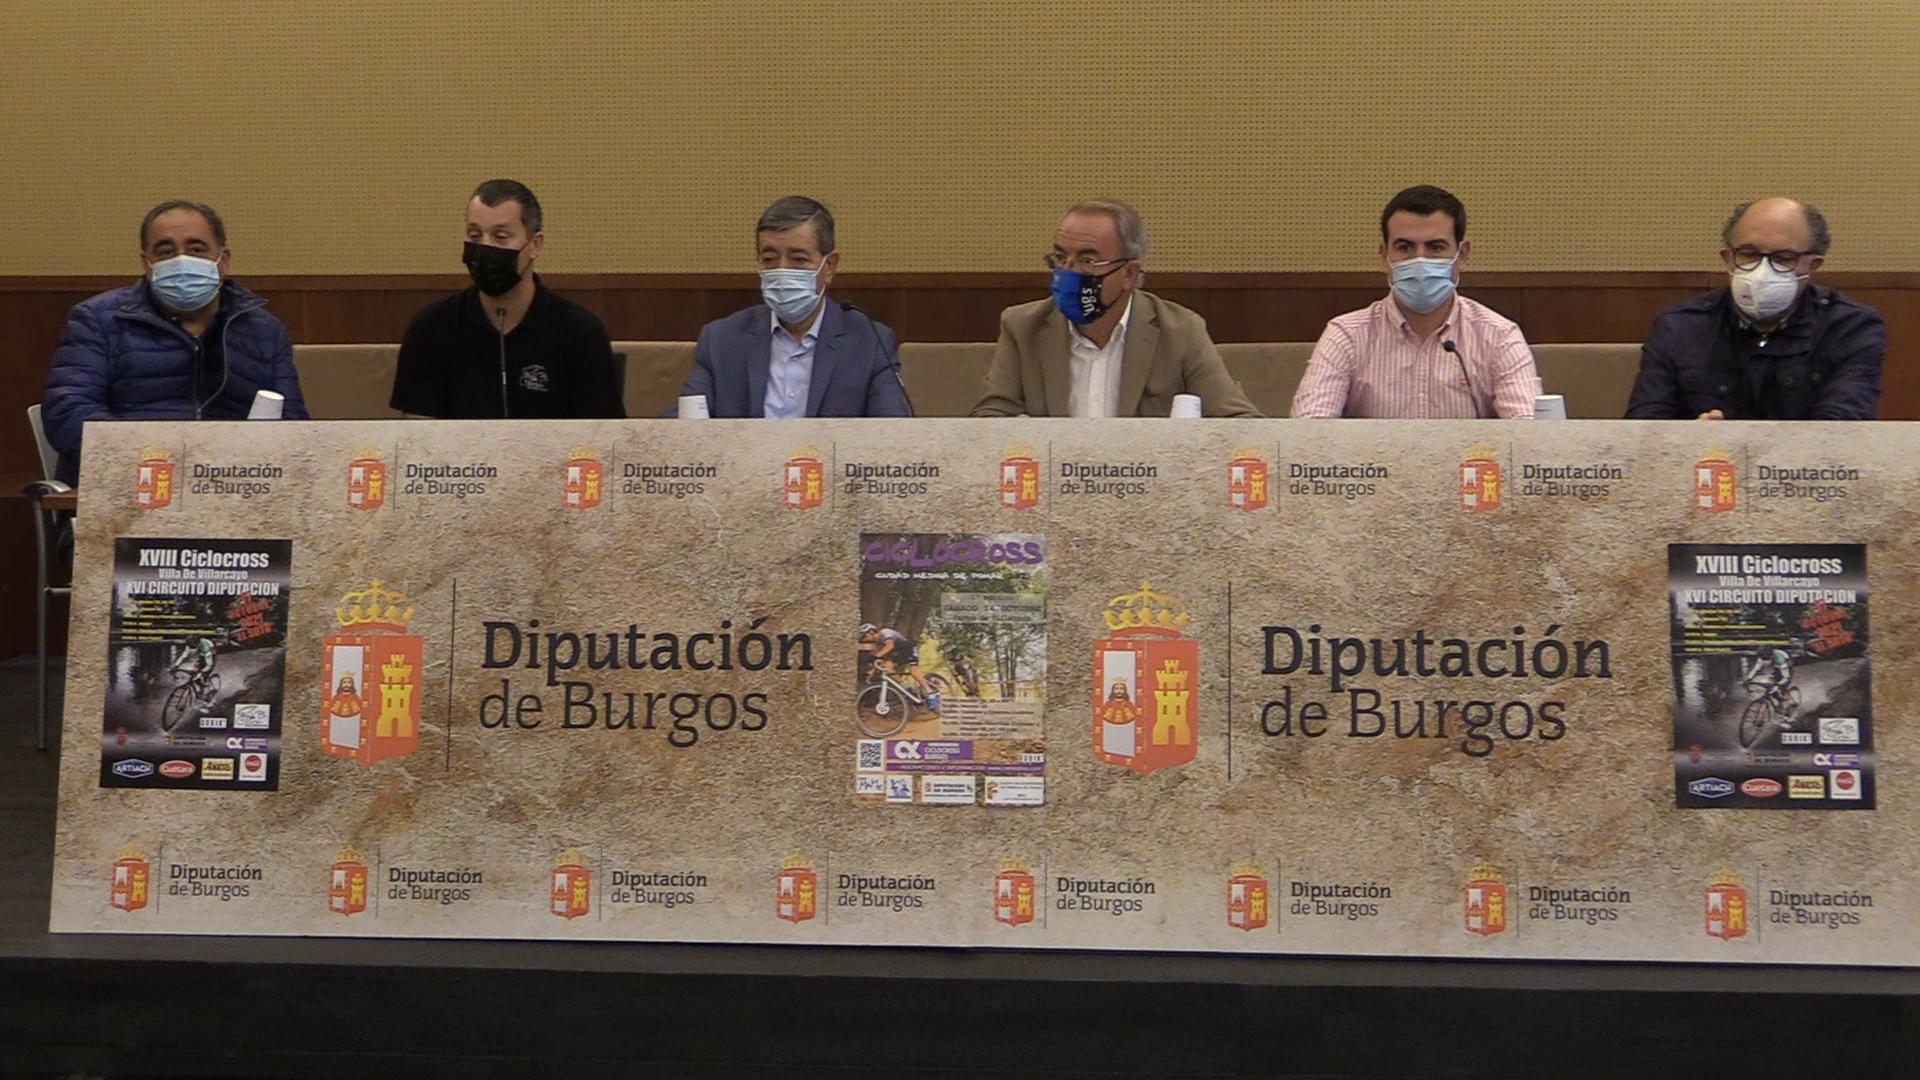 Se presenta el XVI Circuito Nacional de Ciclocross Diputación de Burgos